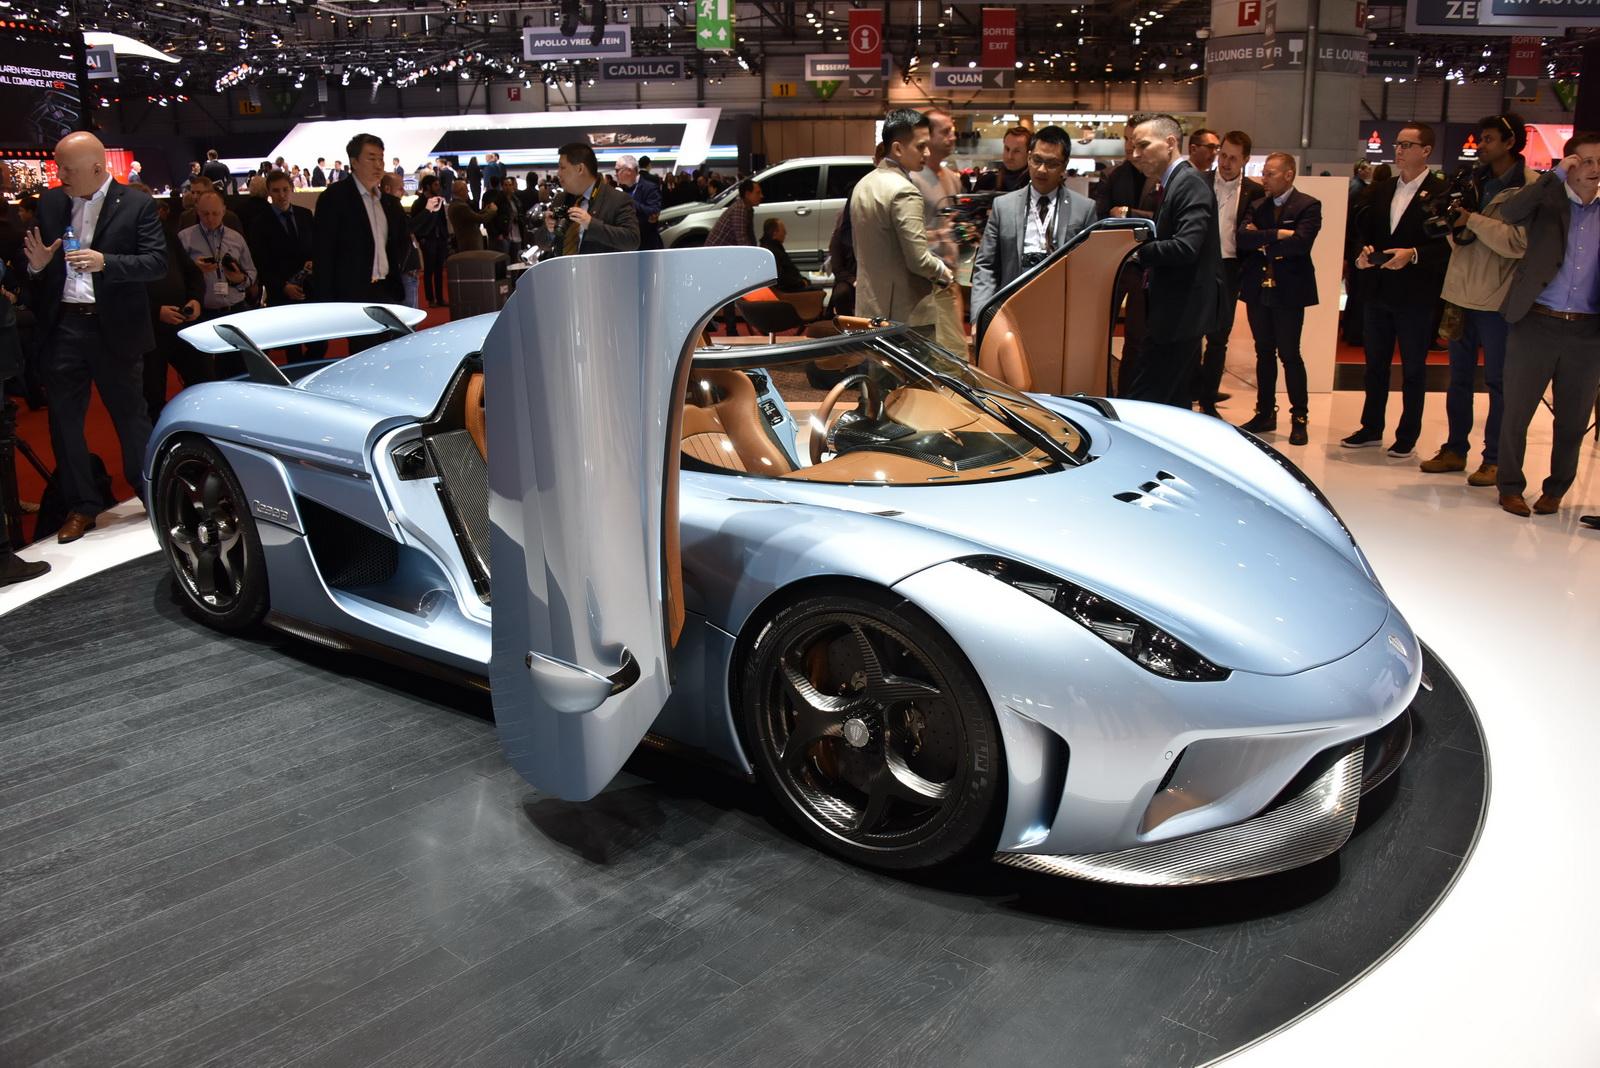 """كوينيجسيج ريجيرا السيارة الرياضية الخارقة """"تقرير ومواصفات وصور"""" Koenigsegg Regera   المربع نت"""